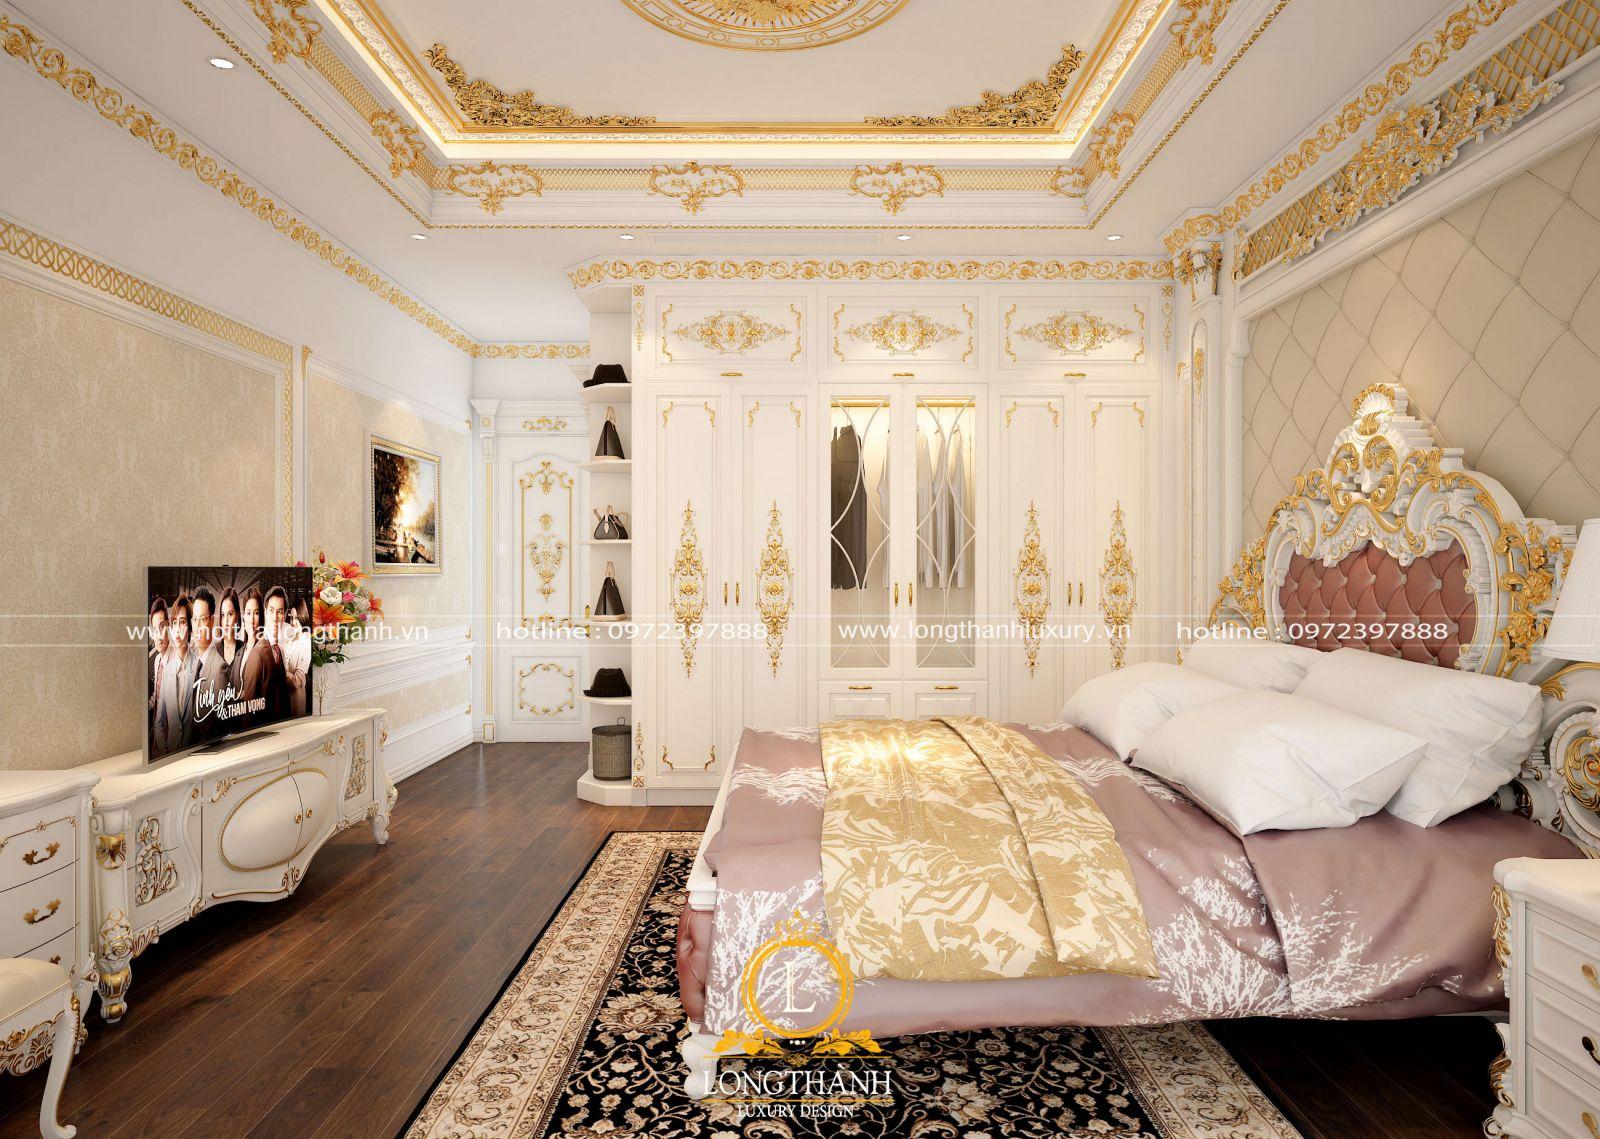 Chiếc giường tân cổ điển hoàng gia quyền quý